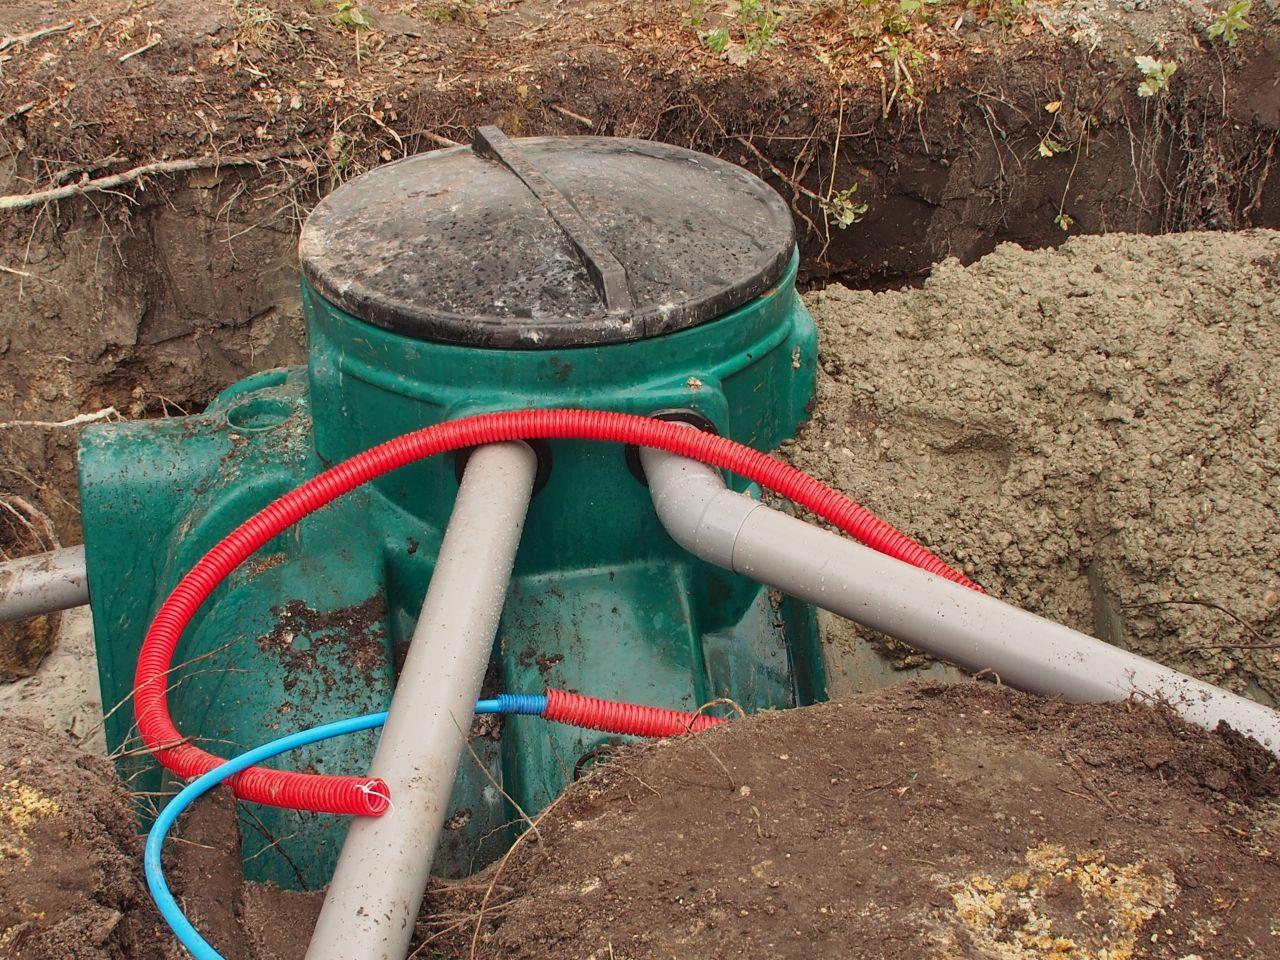 les gouttières arrivent dans la cuve de recupération d'eau de pluie.